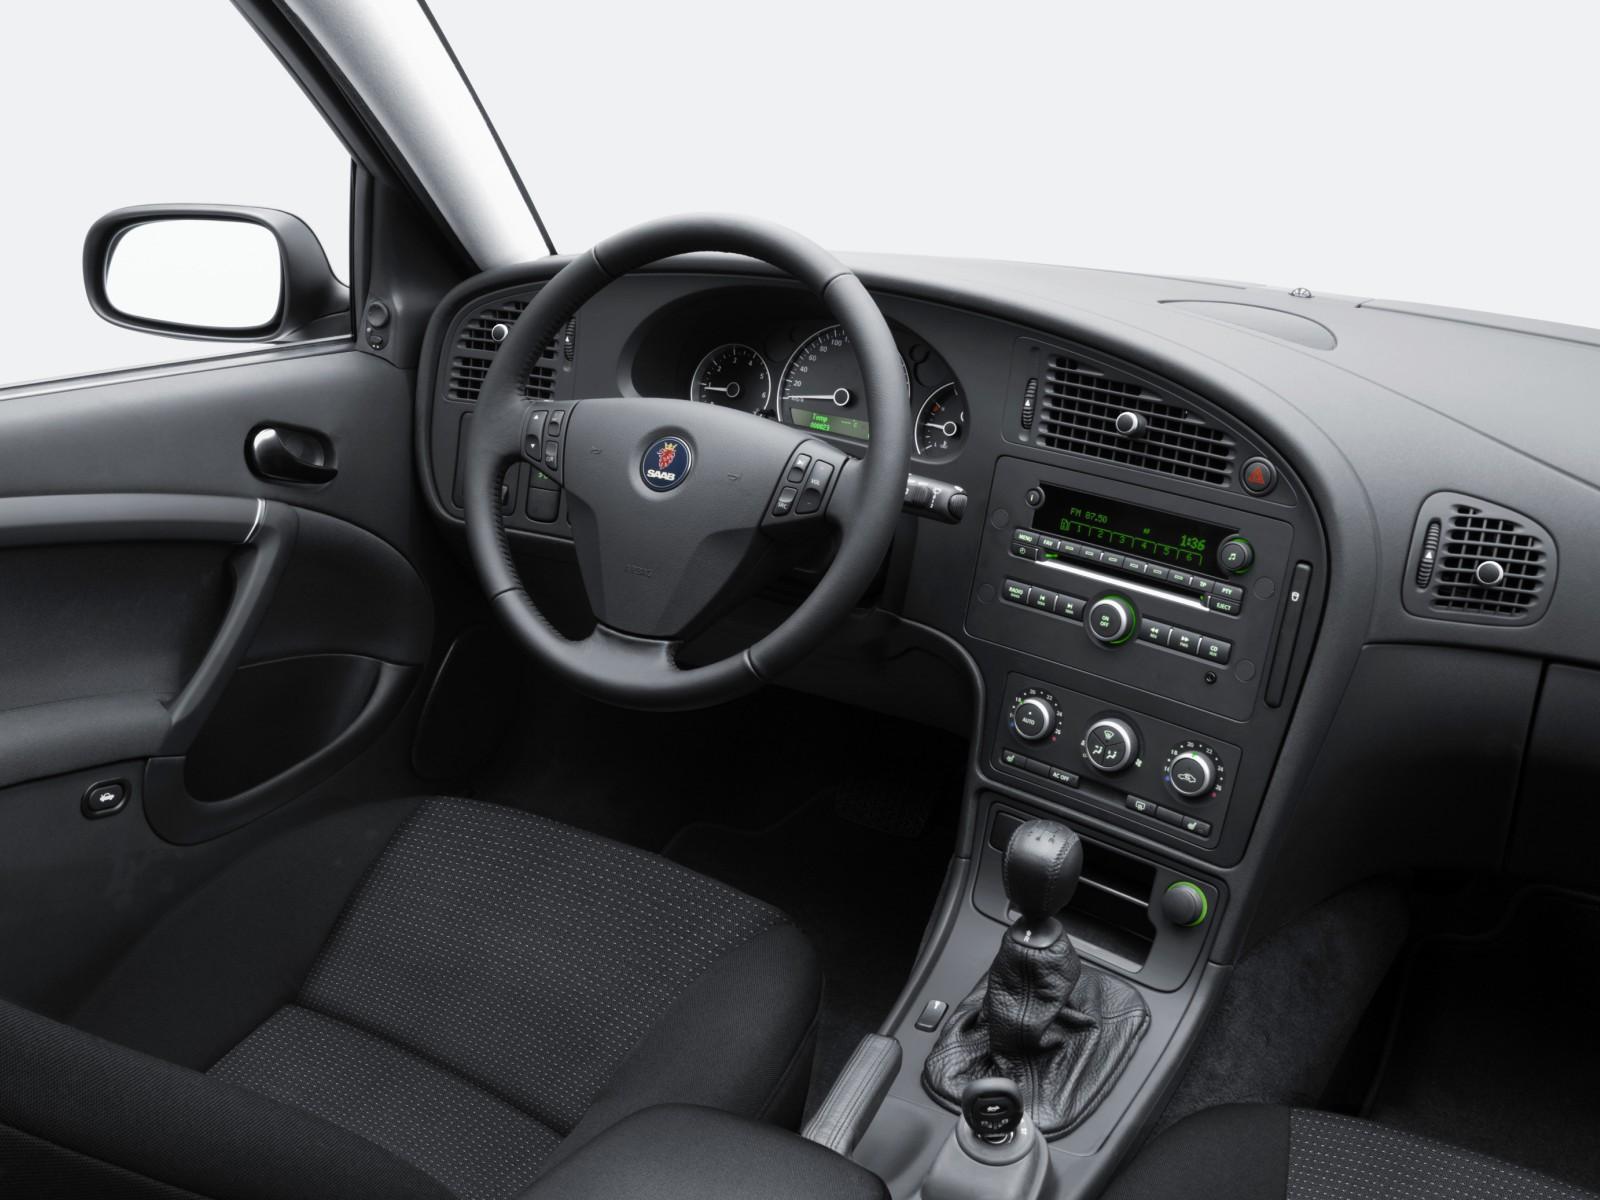 2008 saab 9 5 aero motor desktop rh motordesktop com Saab 9 5 Problems Saab 9-5 Intercooler